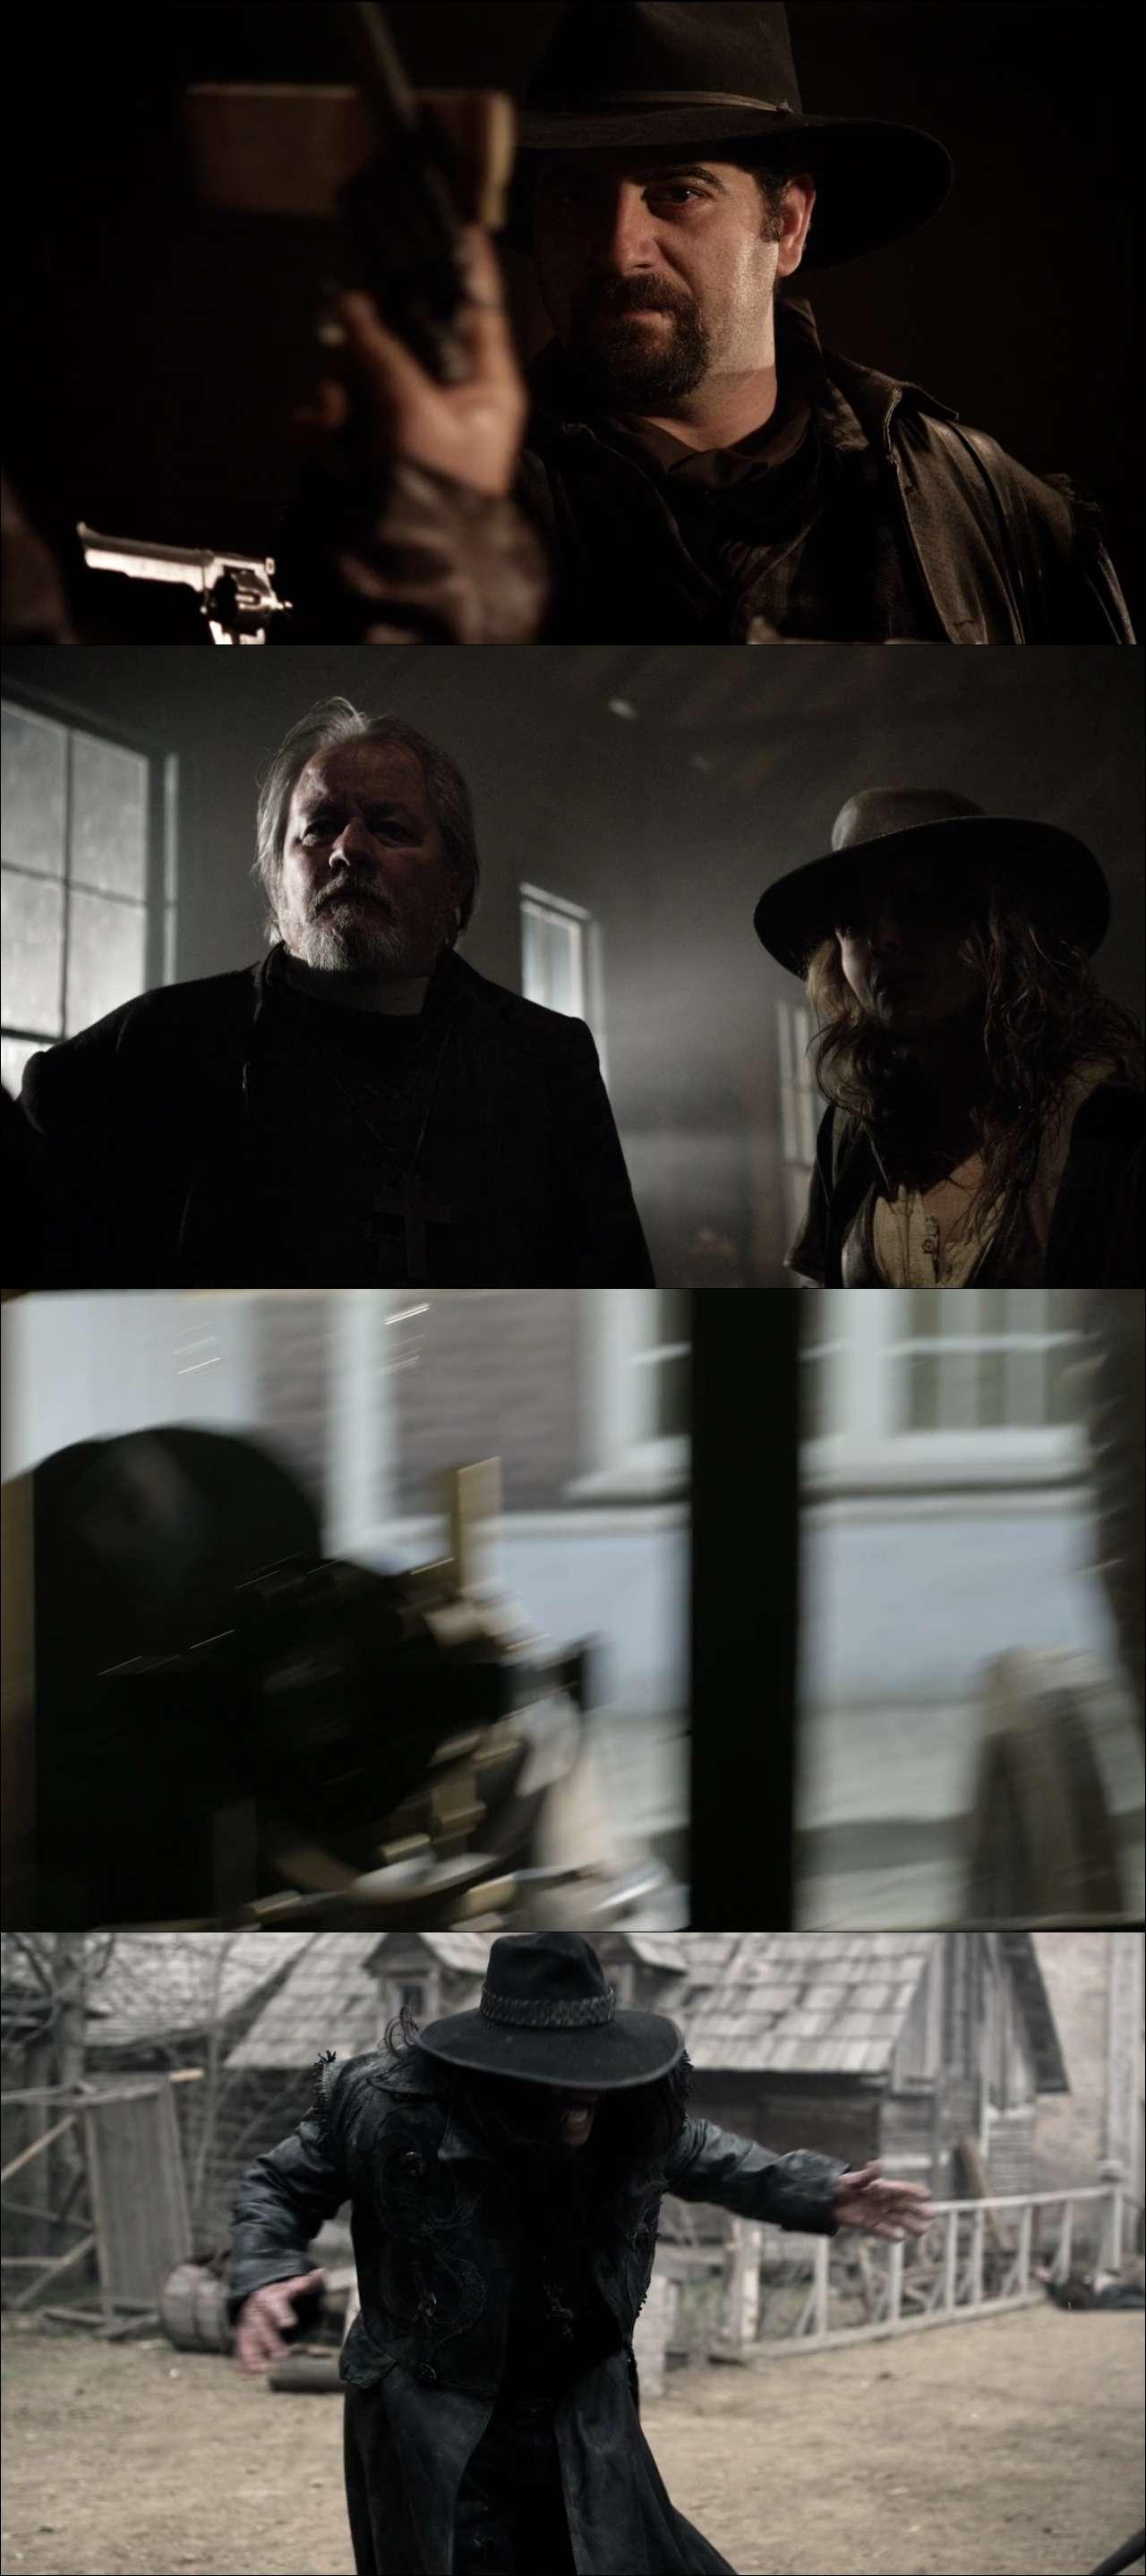 Kasabadaki Ölü - Dead in Tombstone (2013) full türkçe dublaj film indir